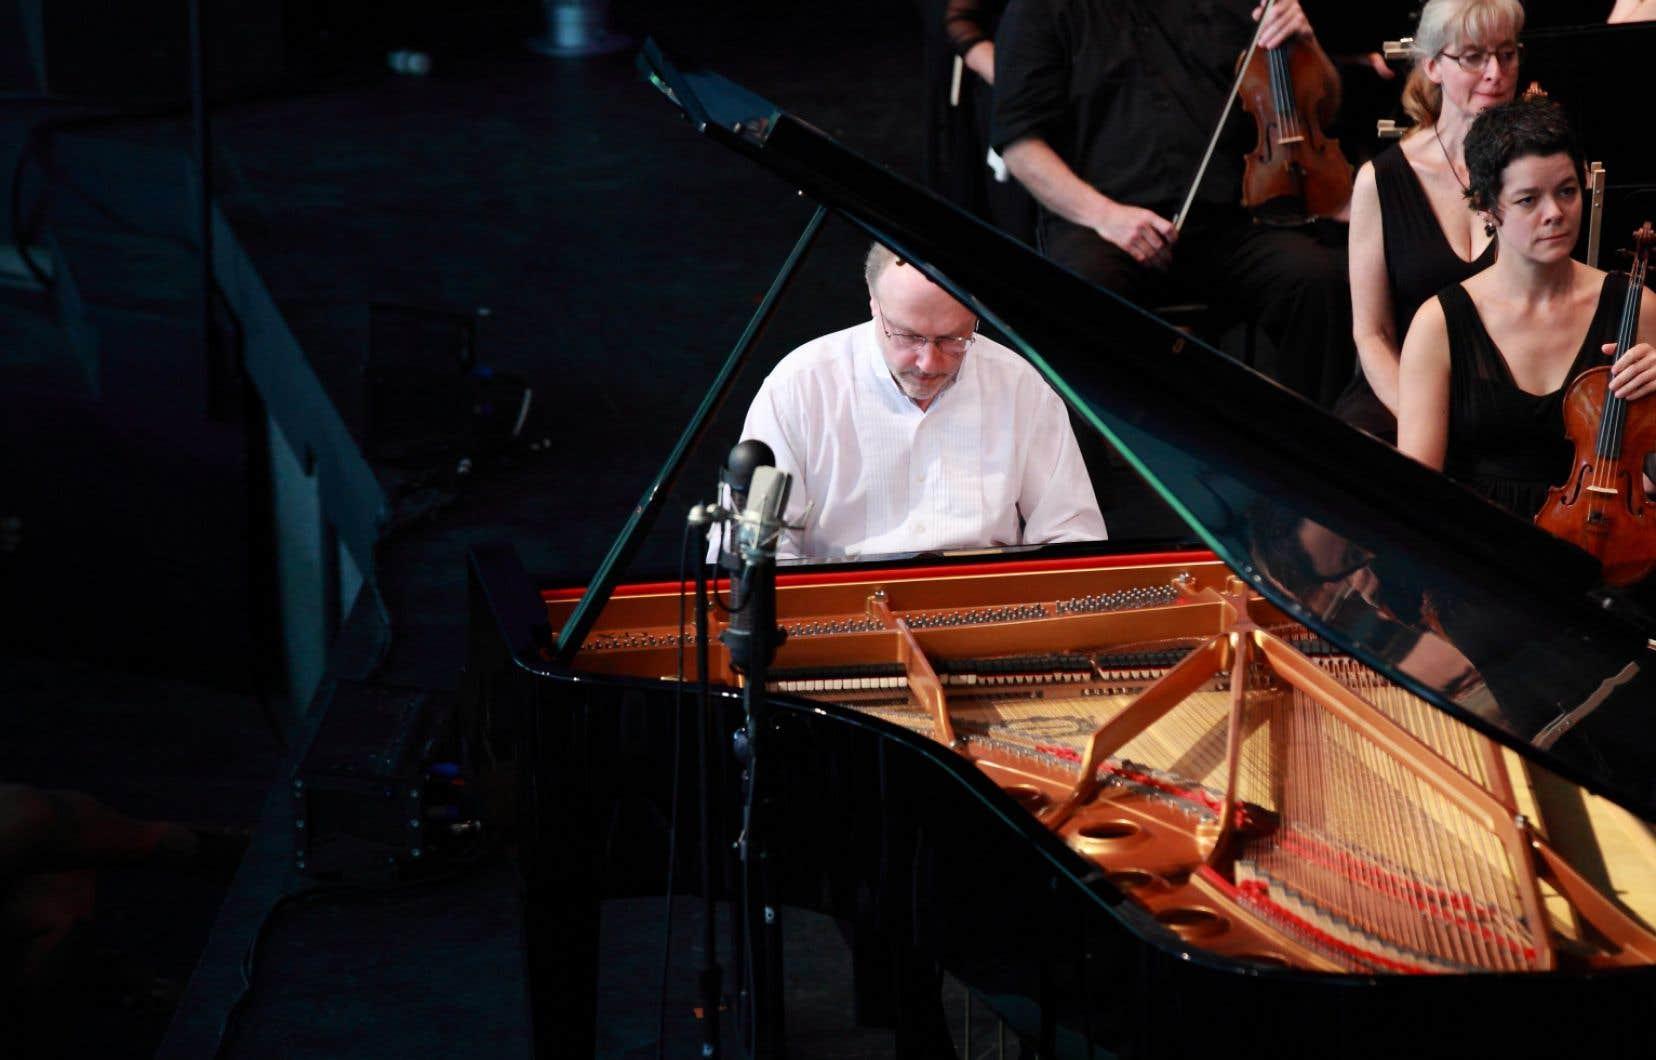 Les compositeurs ne sont pas forcément les meilleurs interprètes de leurs propres œuvres. Yannick Nézet-Séguin et Marc-André Hamelin ont ajouté de nouvelles strates dans la lecture de Leonard Bernstein.